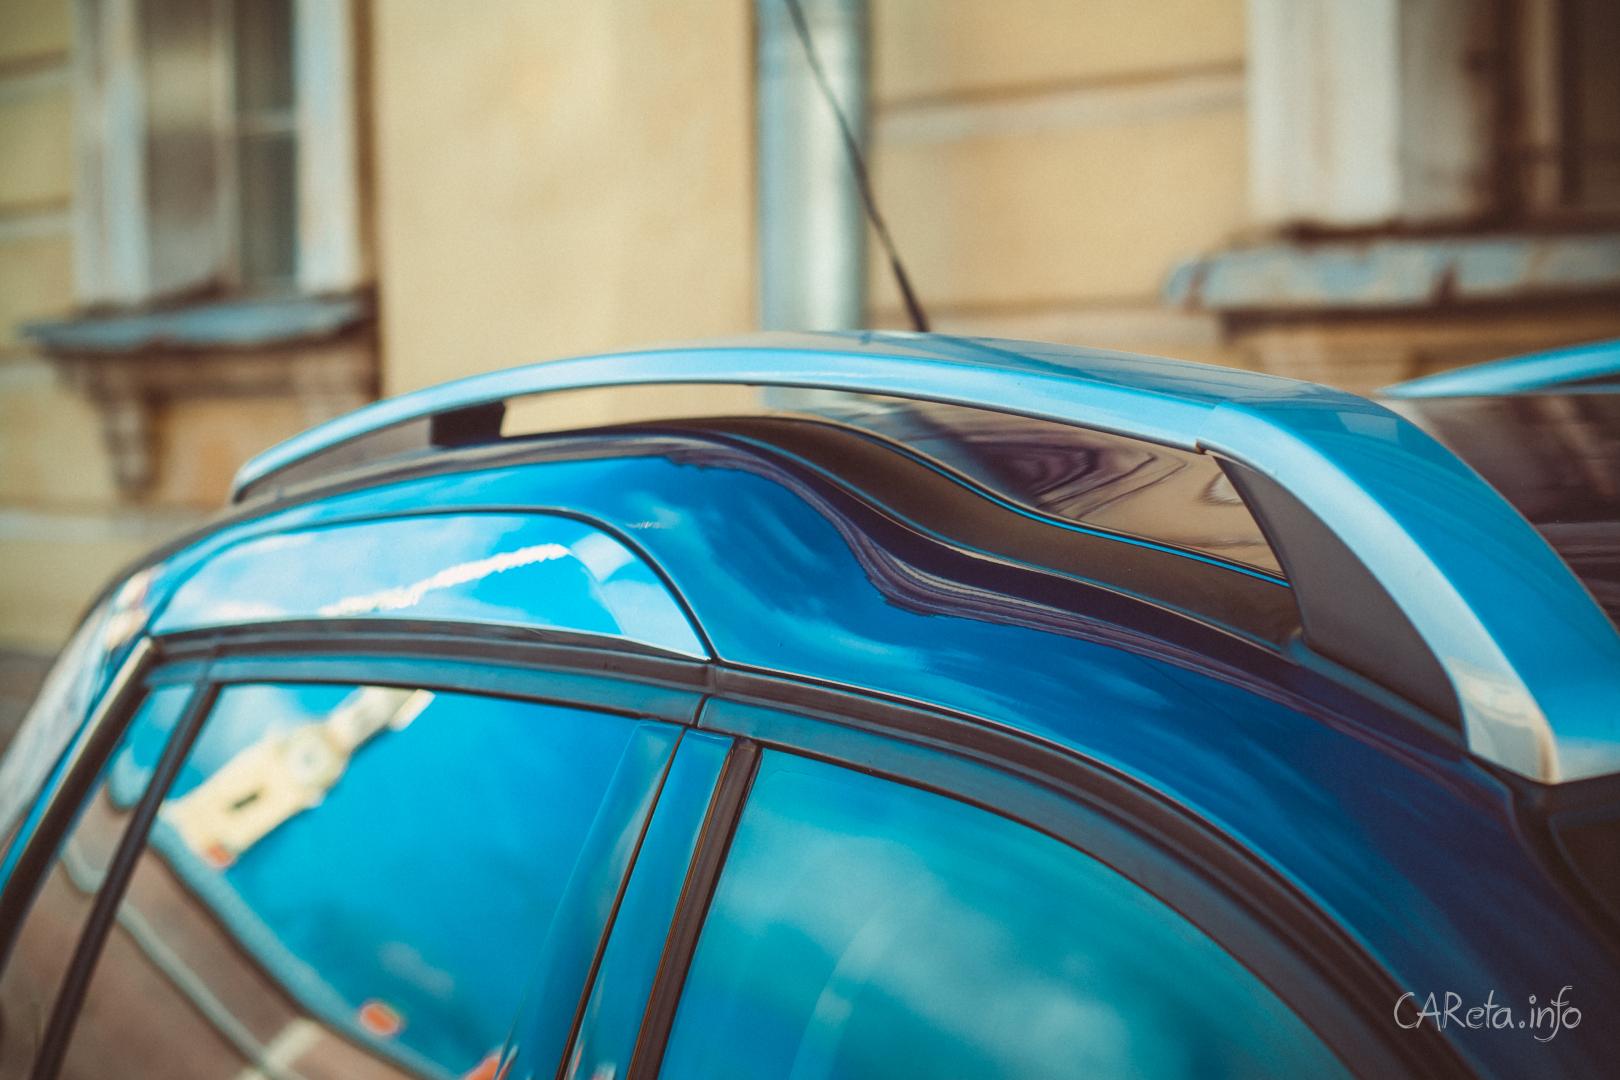 Как выглядит Peugeot 2008 глазами мужчины